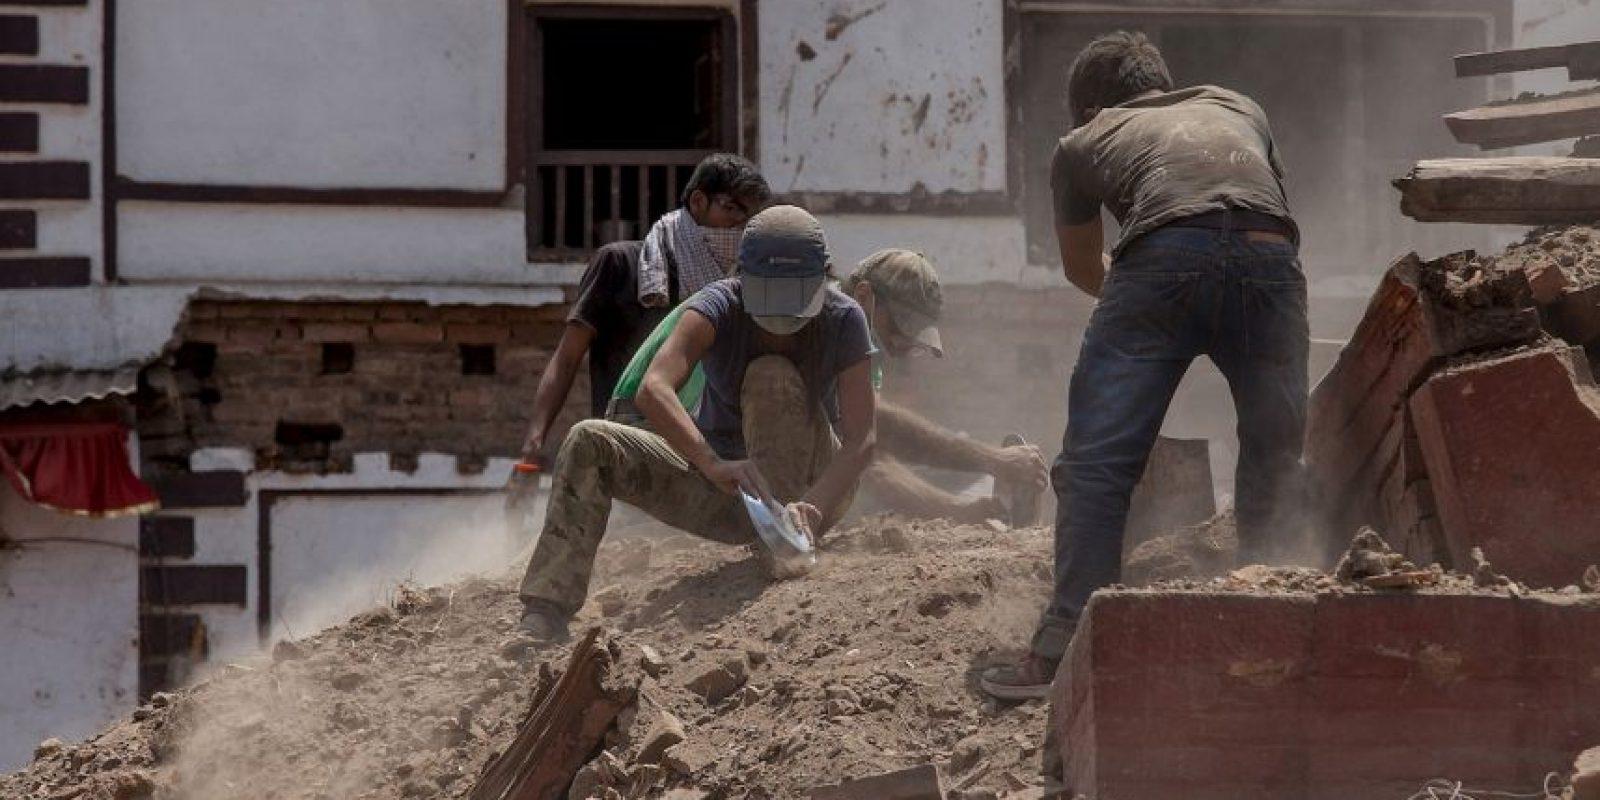 6. España había anunciado que enviaría toneladas de ayuda de emergencia para las víctimas. Entre los artículos que arribarán se encuentran medicinas, comida y mantas. Foto:Getty Images